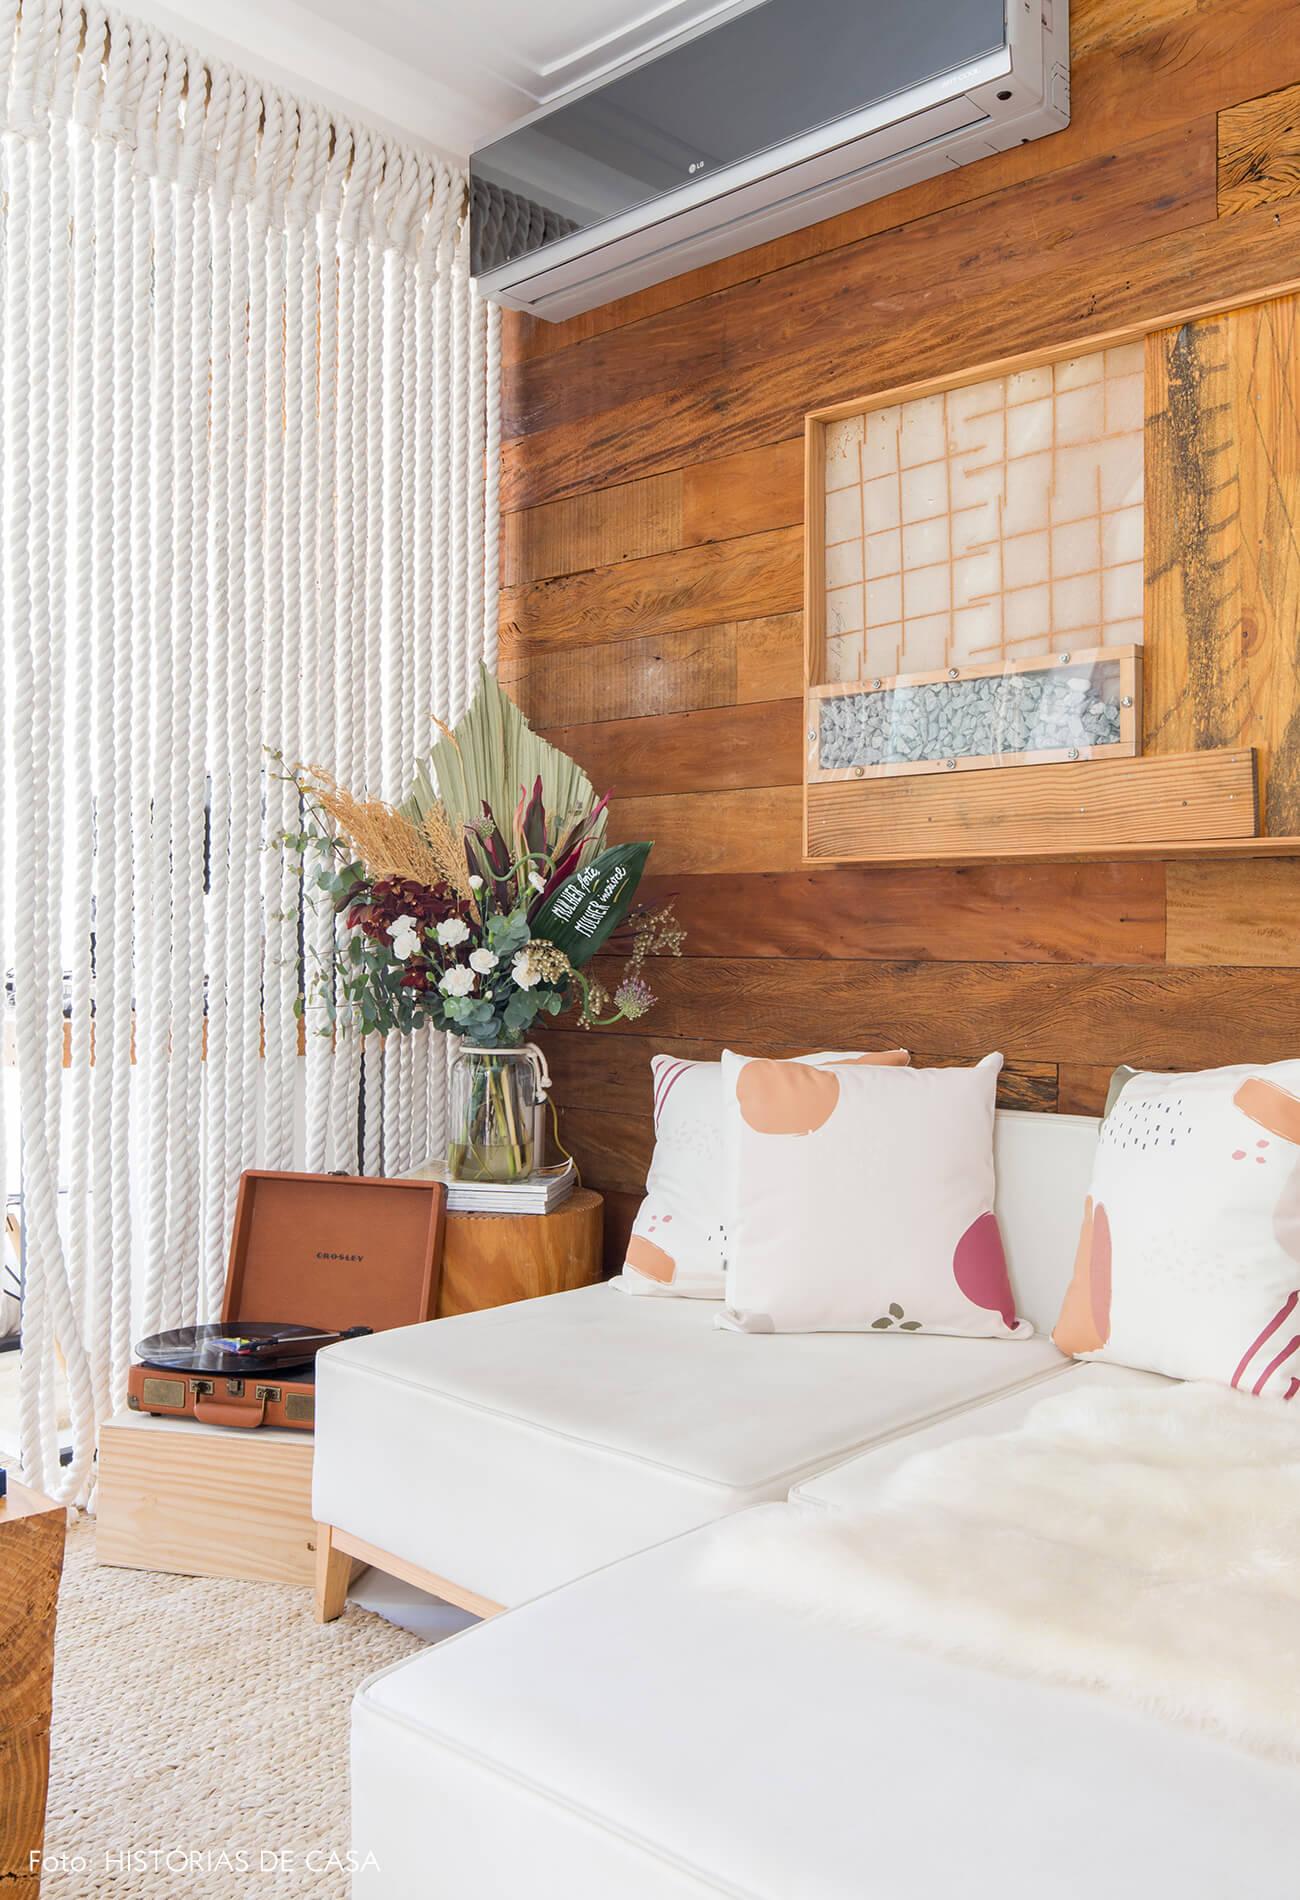 ju-cosi-decoração-sala-parede-de-madeira-e-almofadas-estampadas